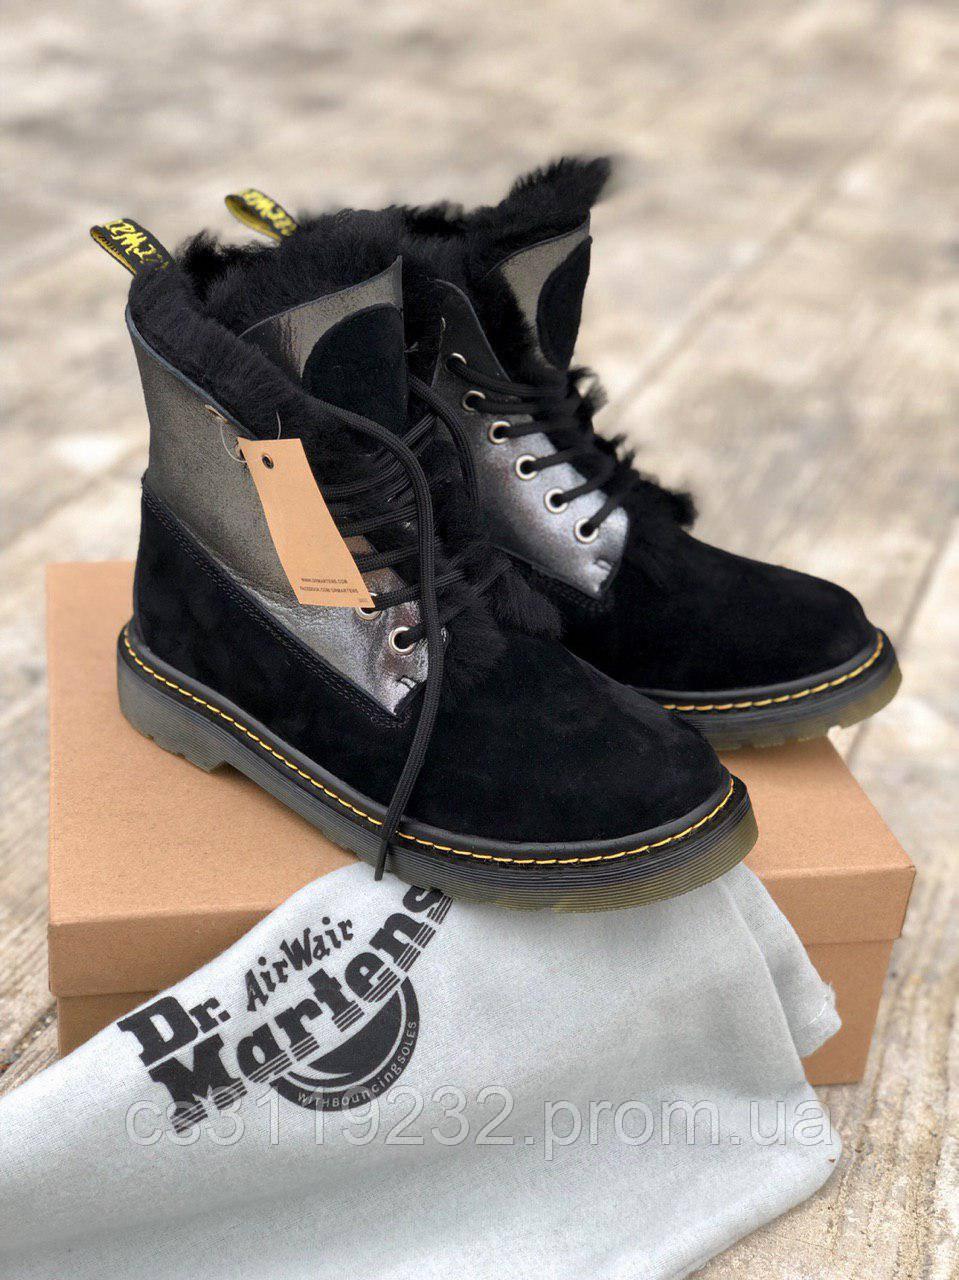 Женские ботинки зимние Dr.Martens (мех) (черный)